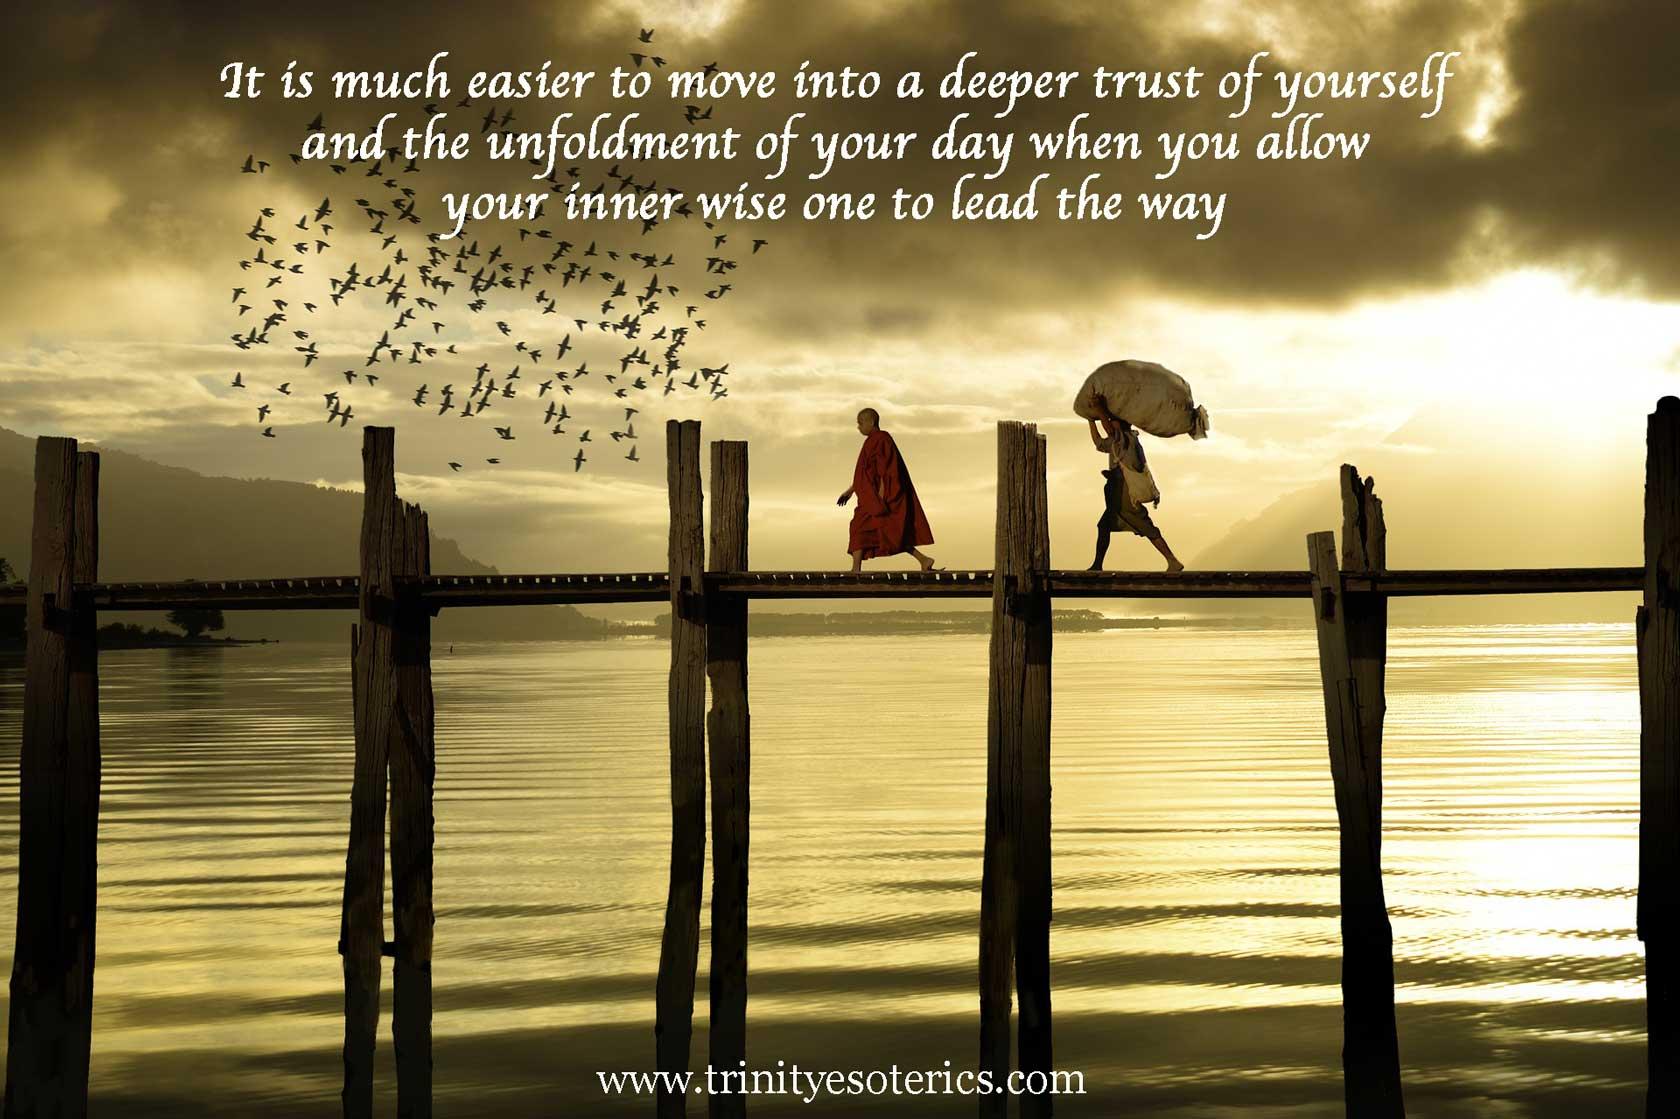 monk leading person over bridge trinity esoterics